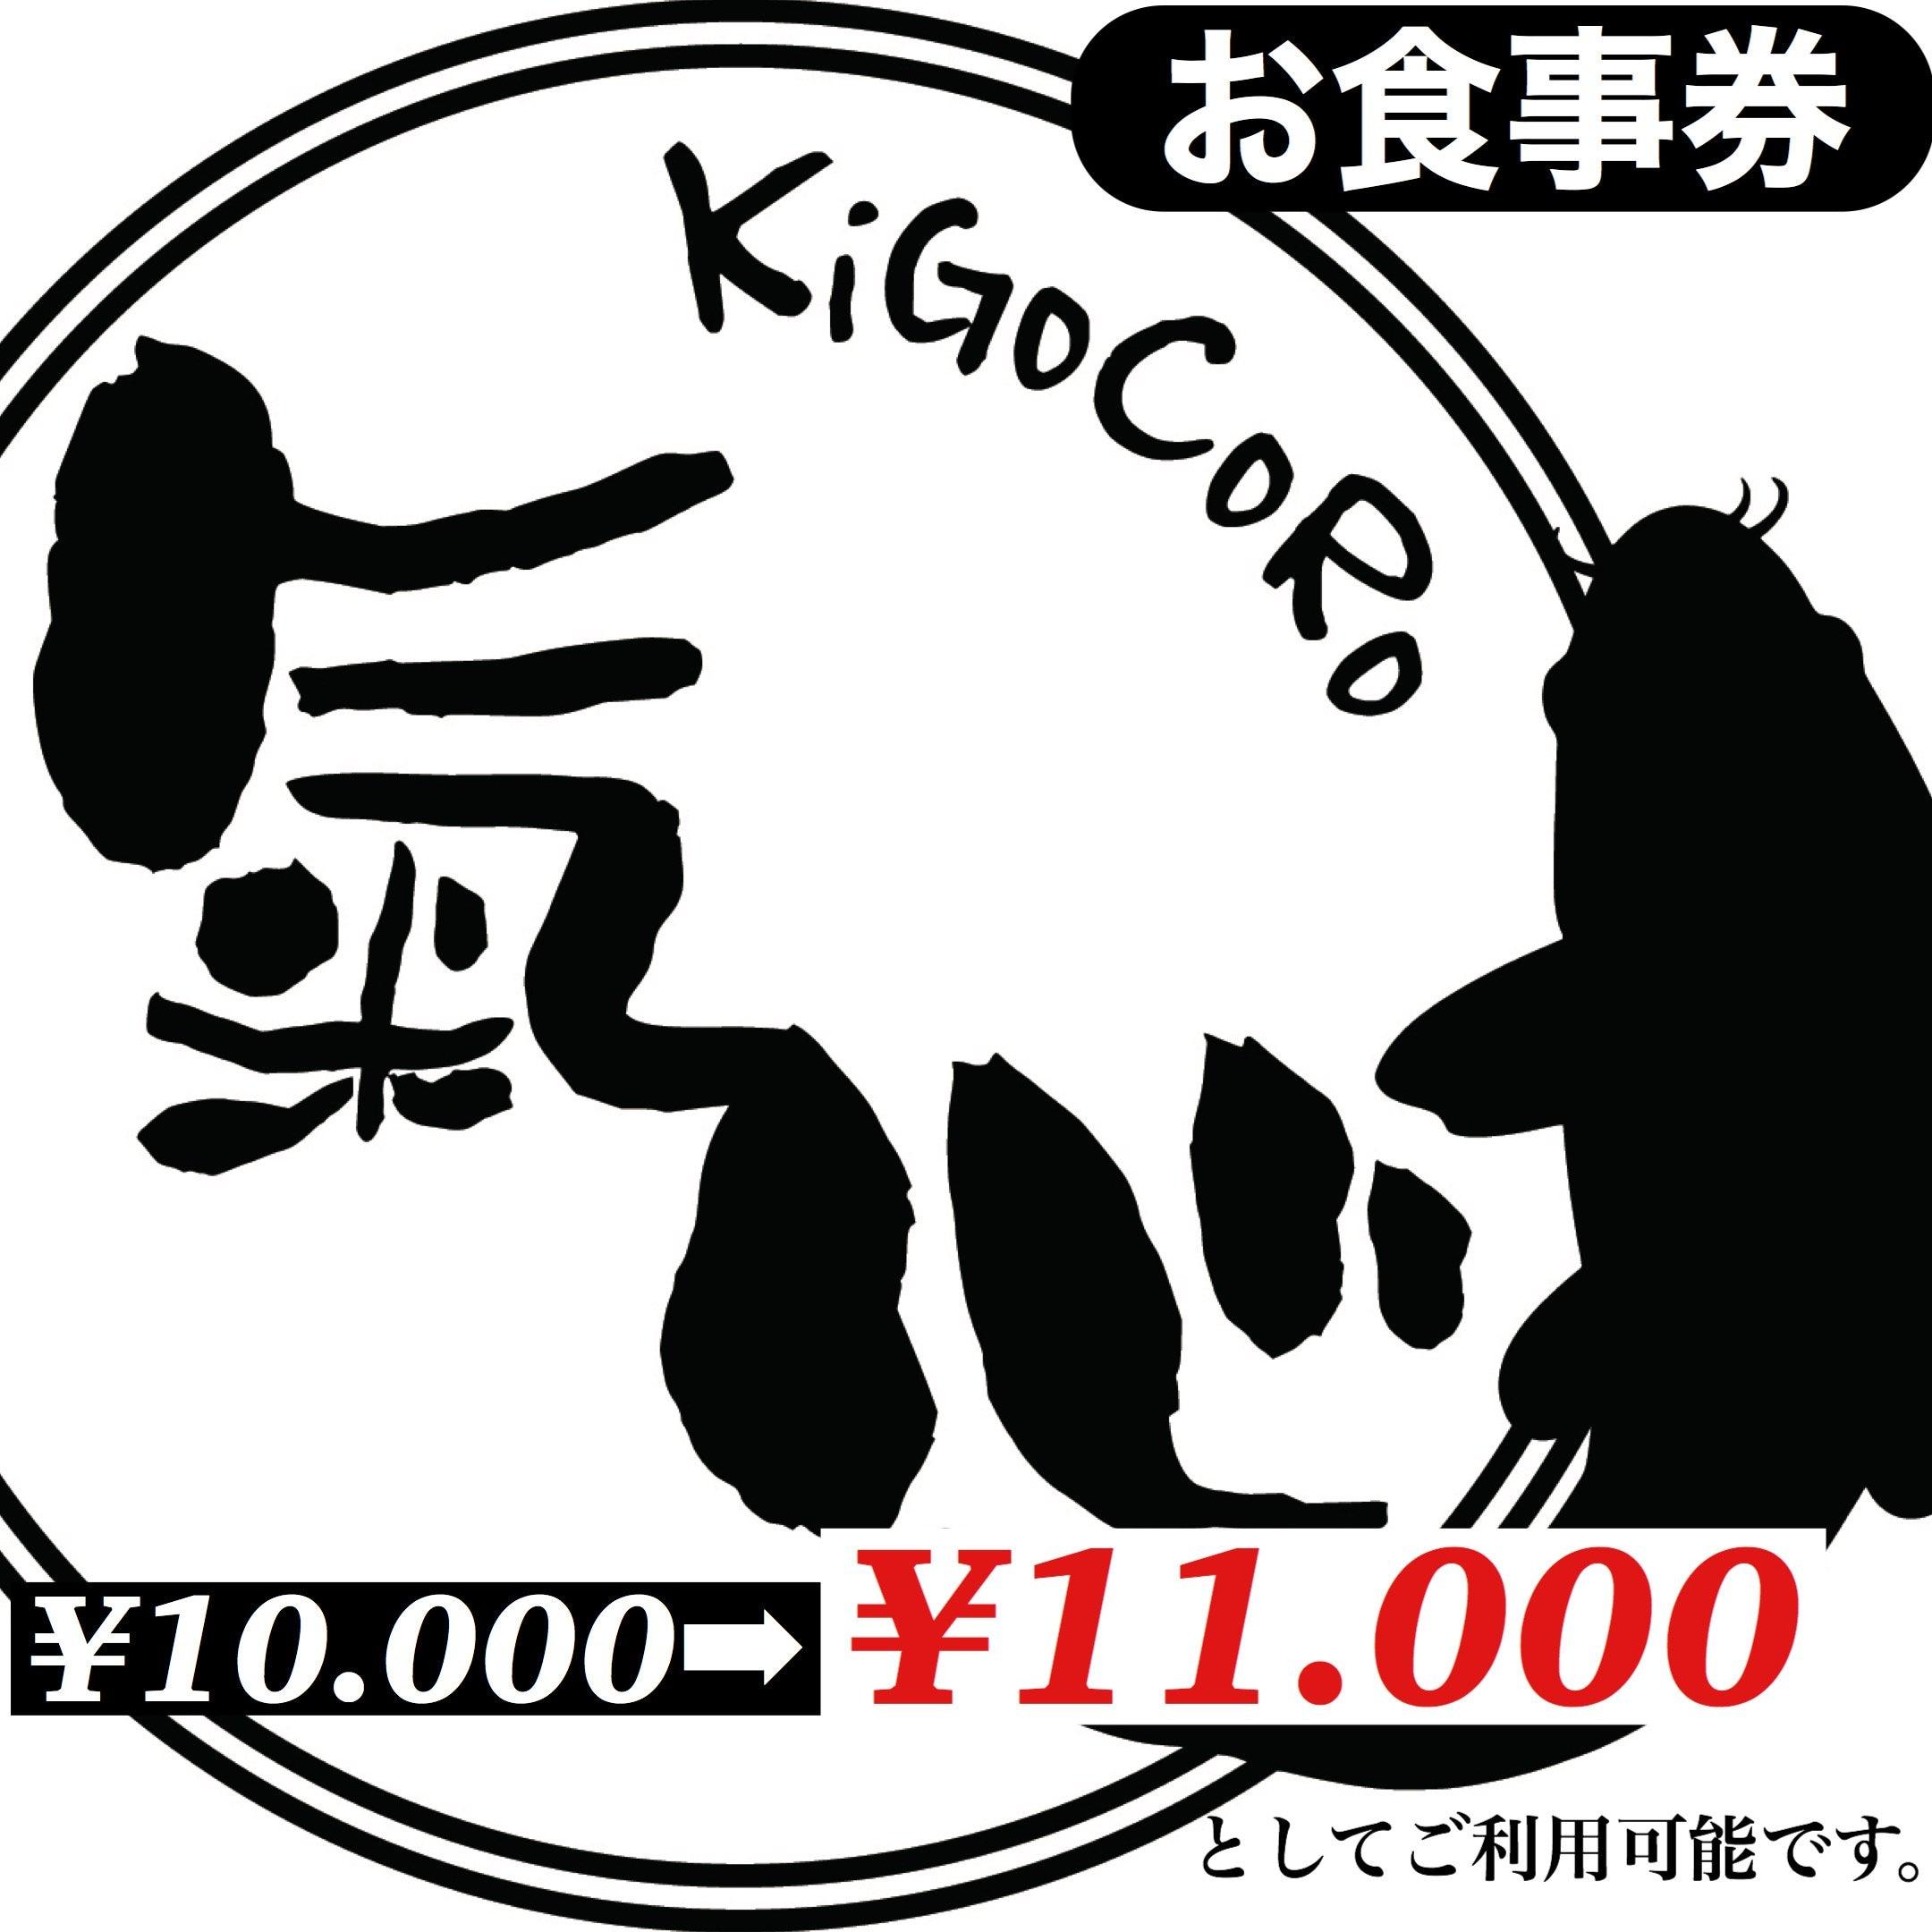 お得に使えるお食事券¥10,000→¥11,000としてご利用可能です。のイメージその1